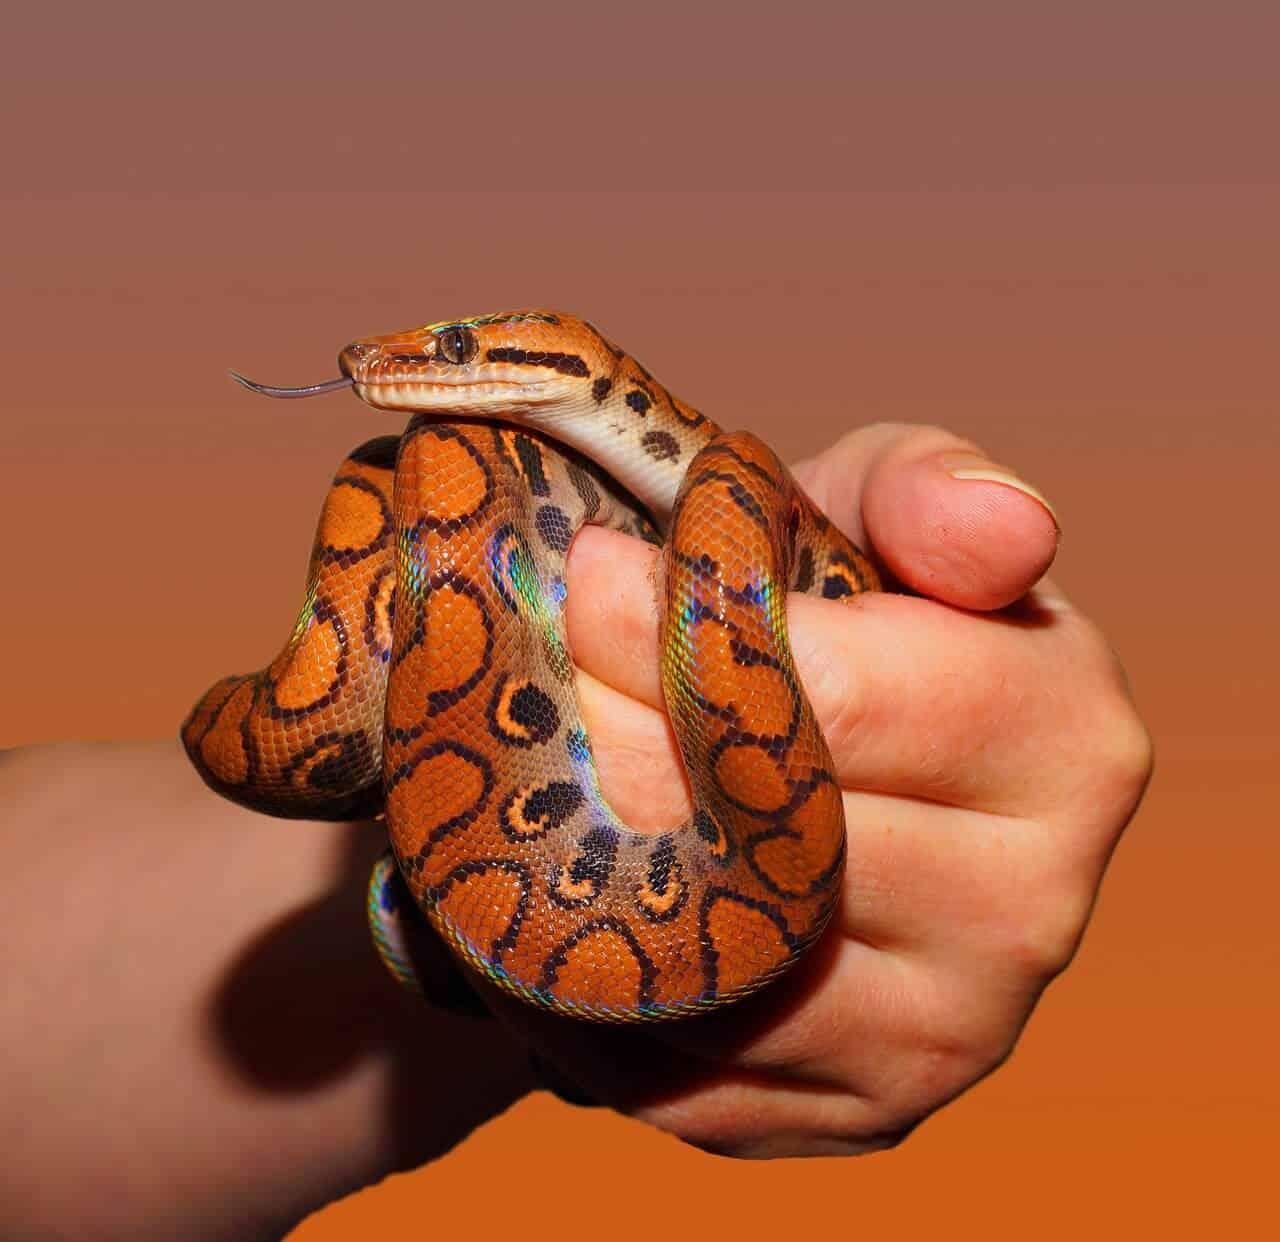 Accessori per serpenti, terrari, corteccia, guida all'acquisto